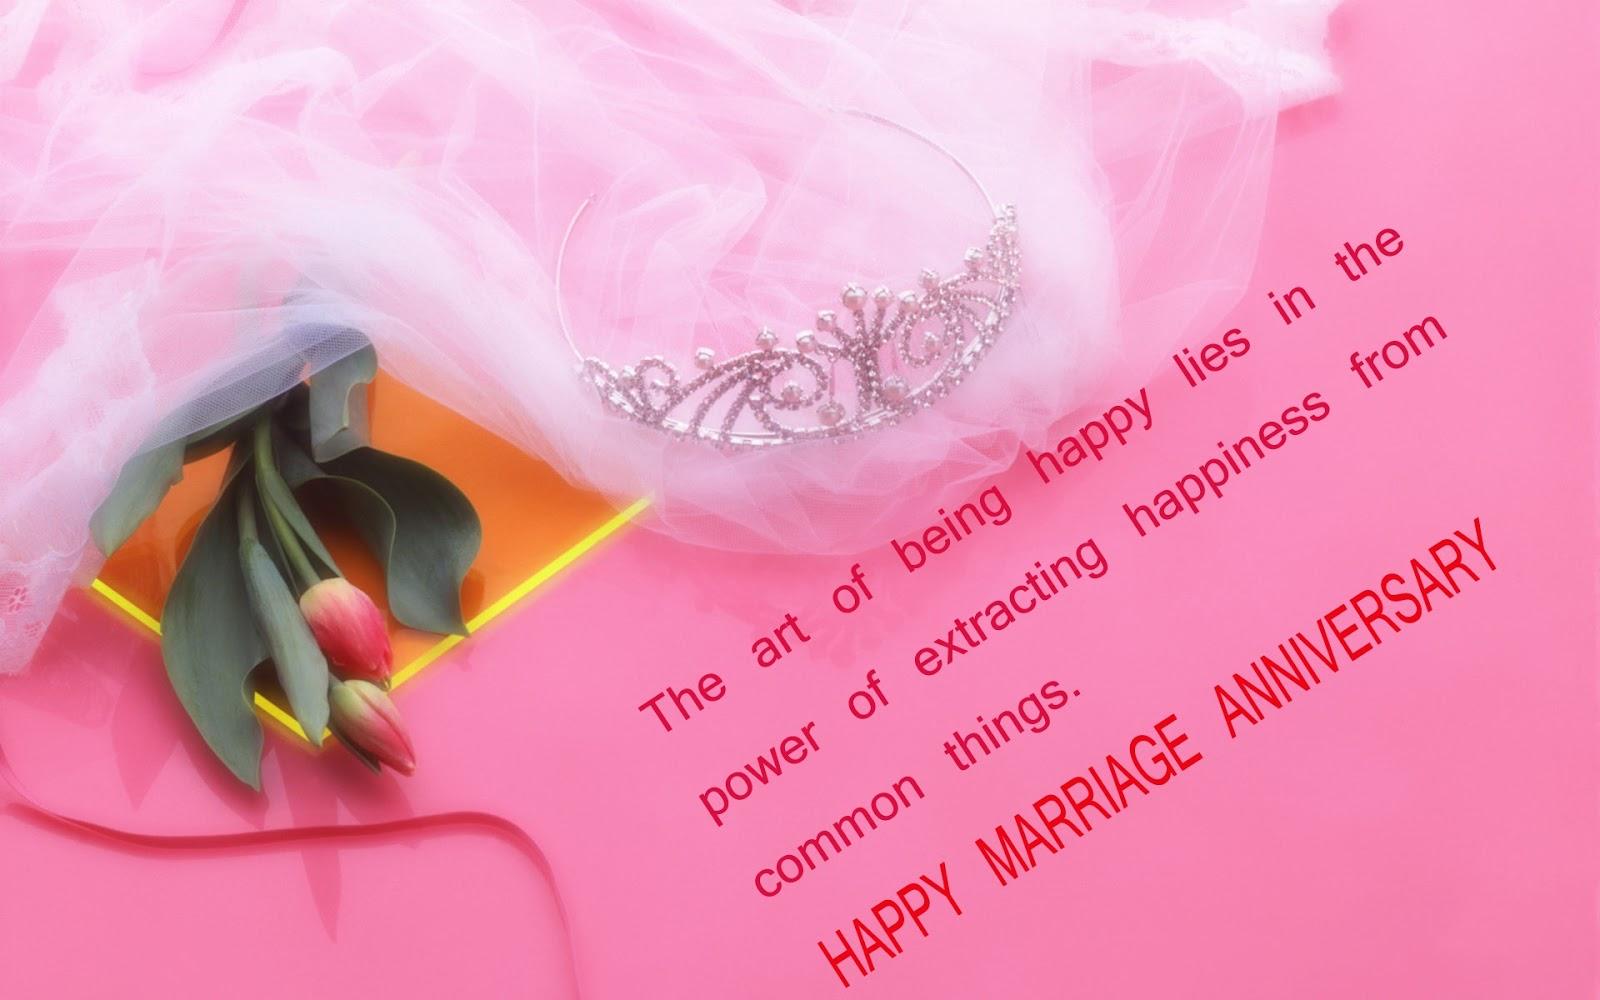 Wallpaper download marriage anniversary - Shayari Urdu Images